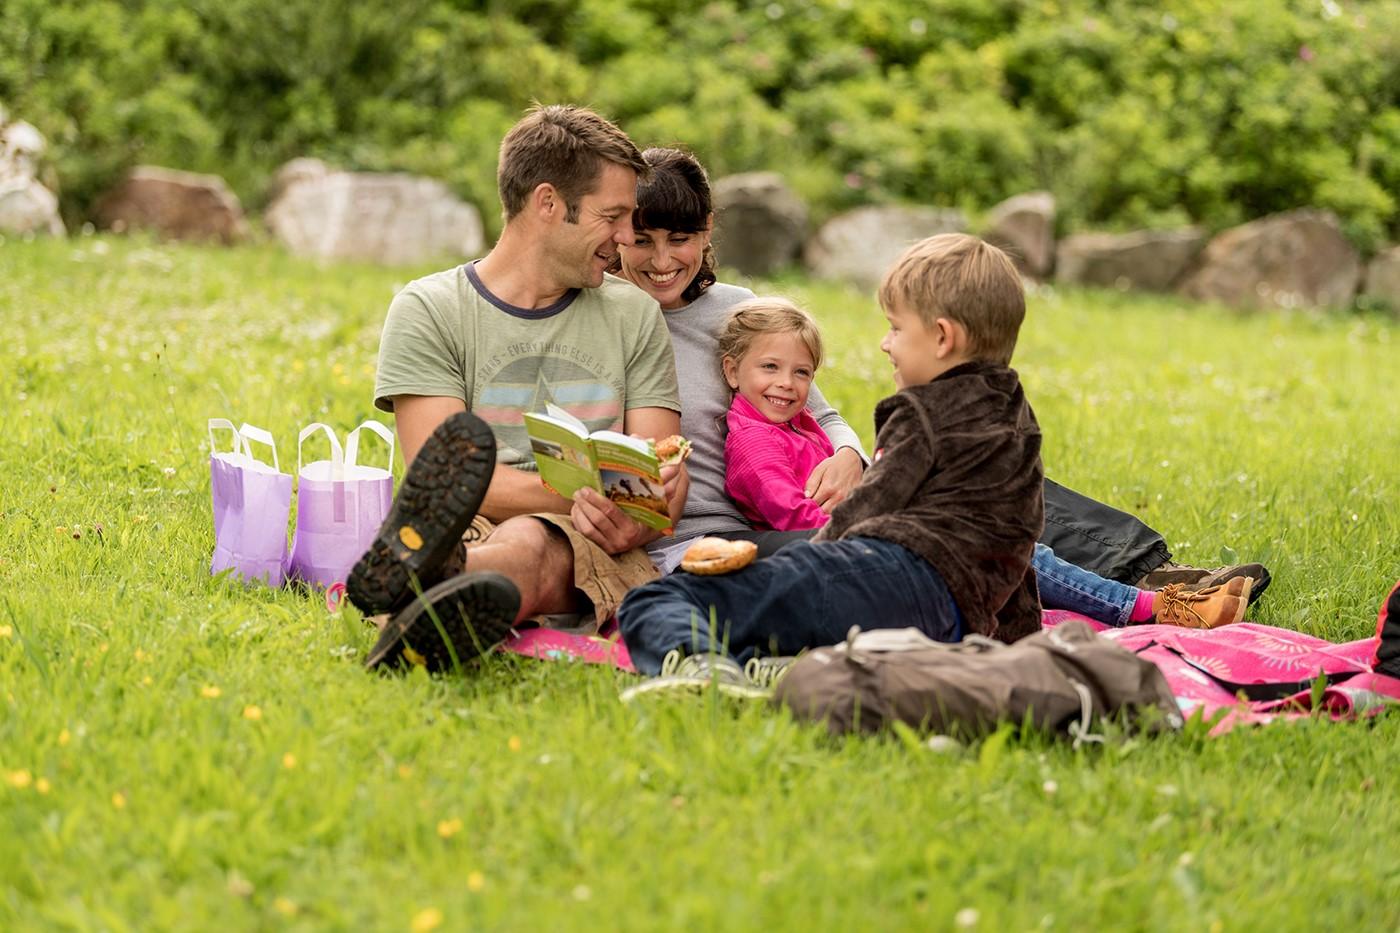 Familie auf einer Wiese im Familienurlaub